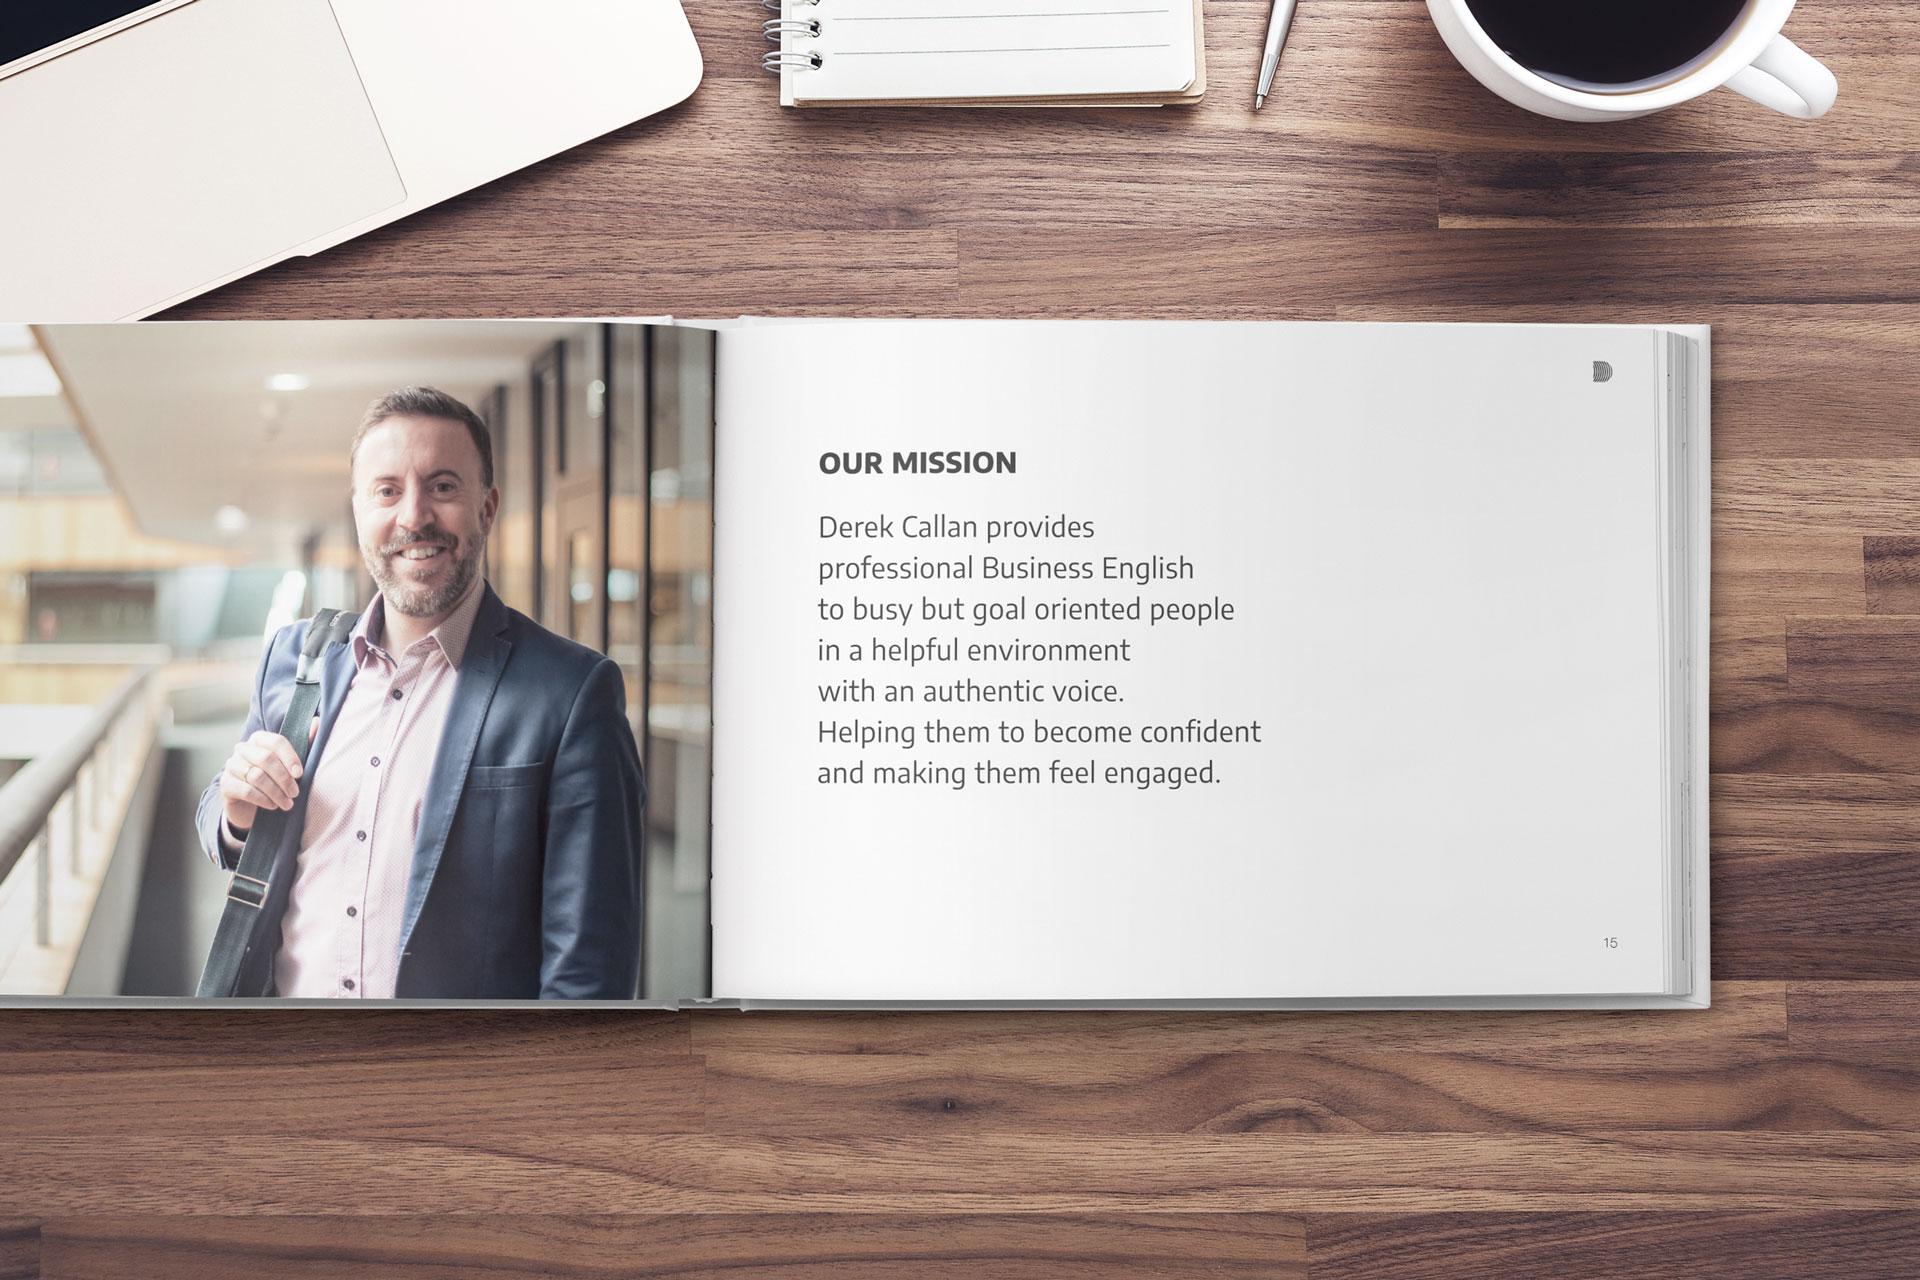 Branding Mission Statement